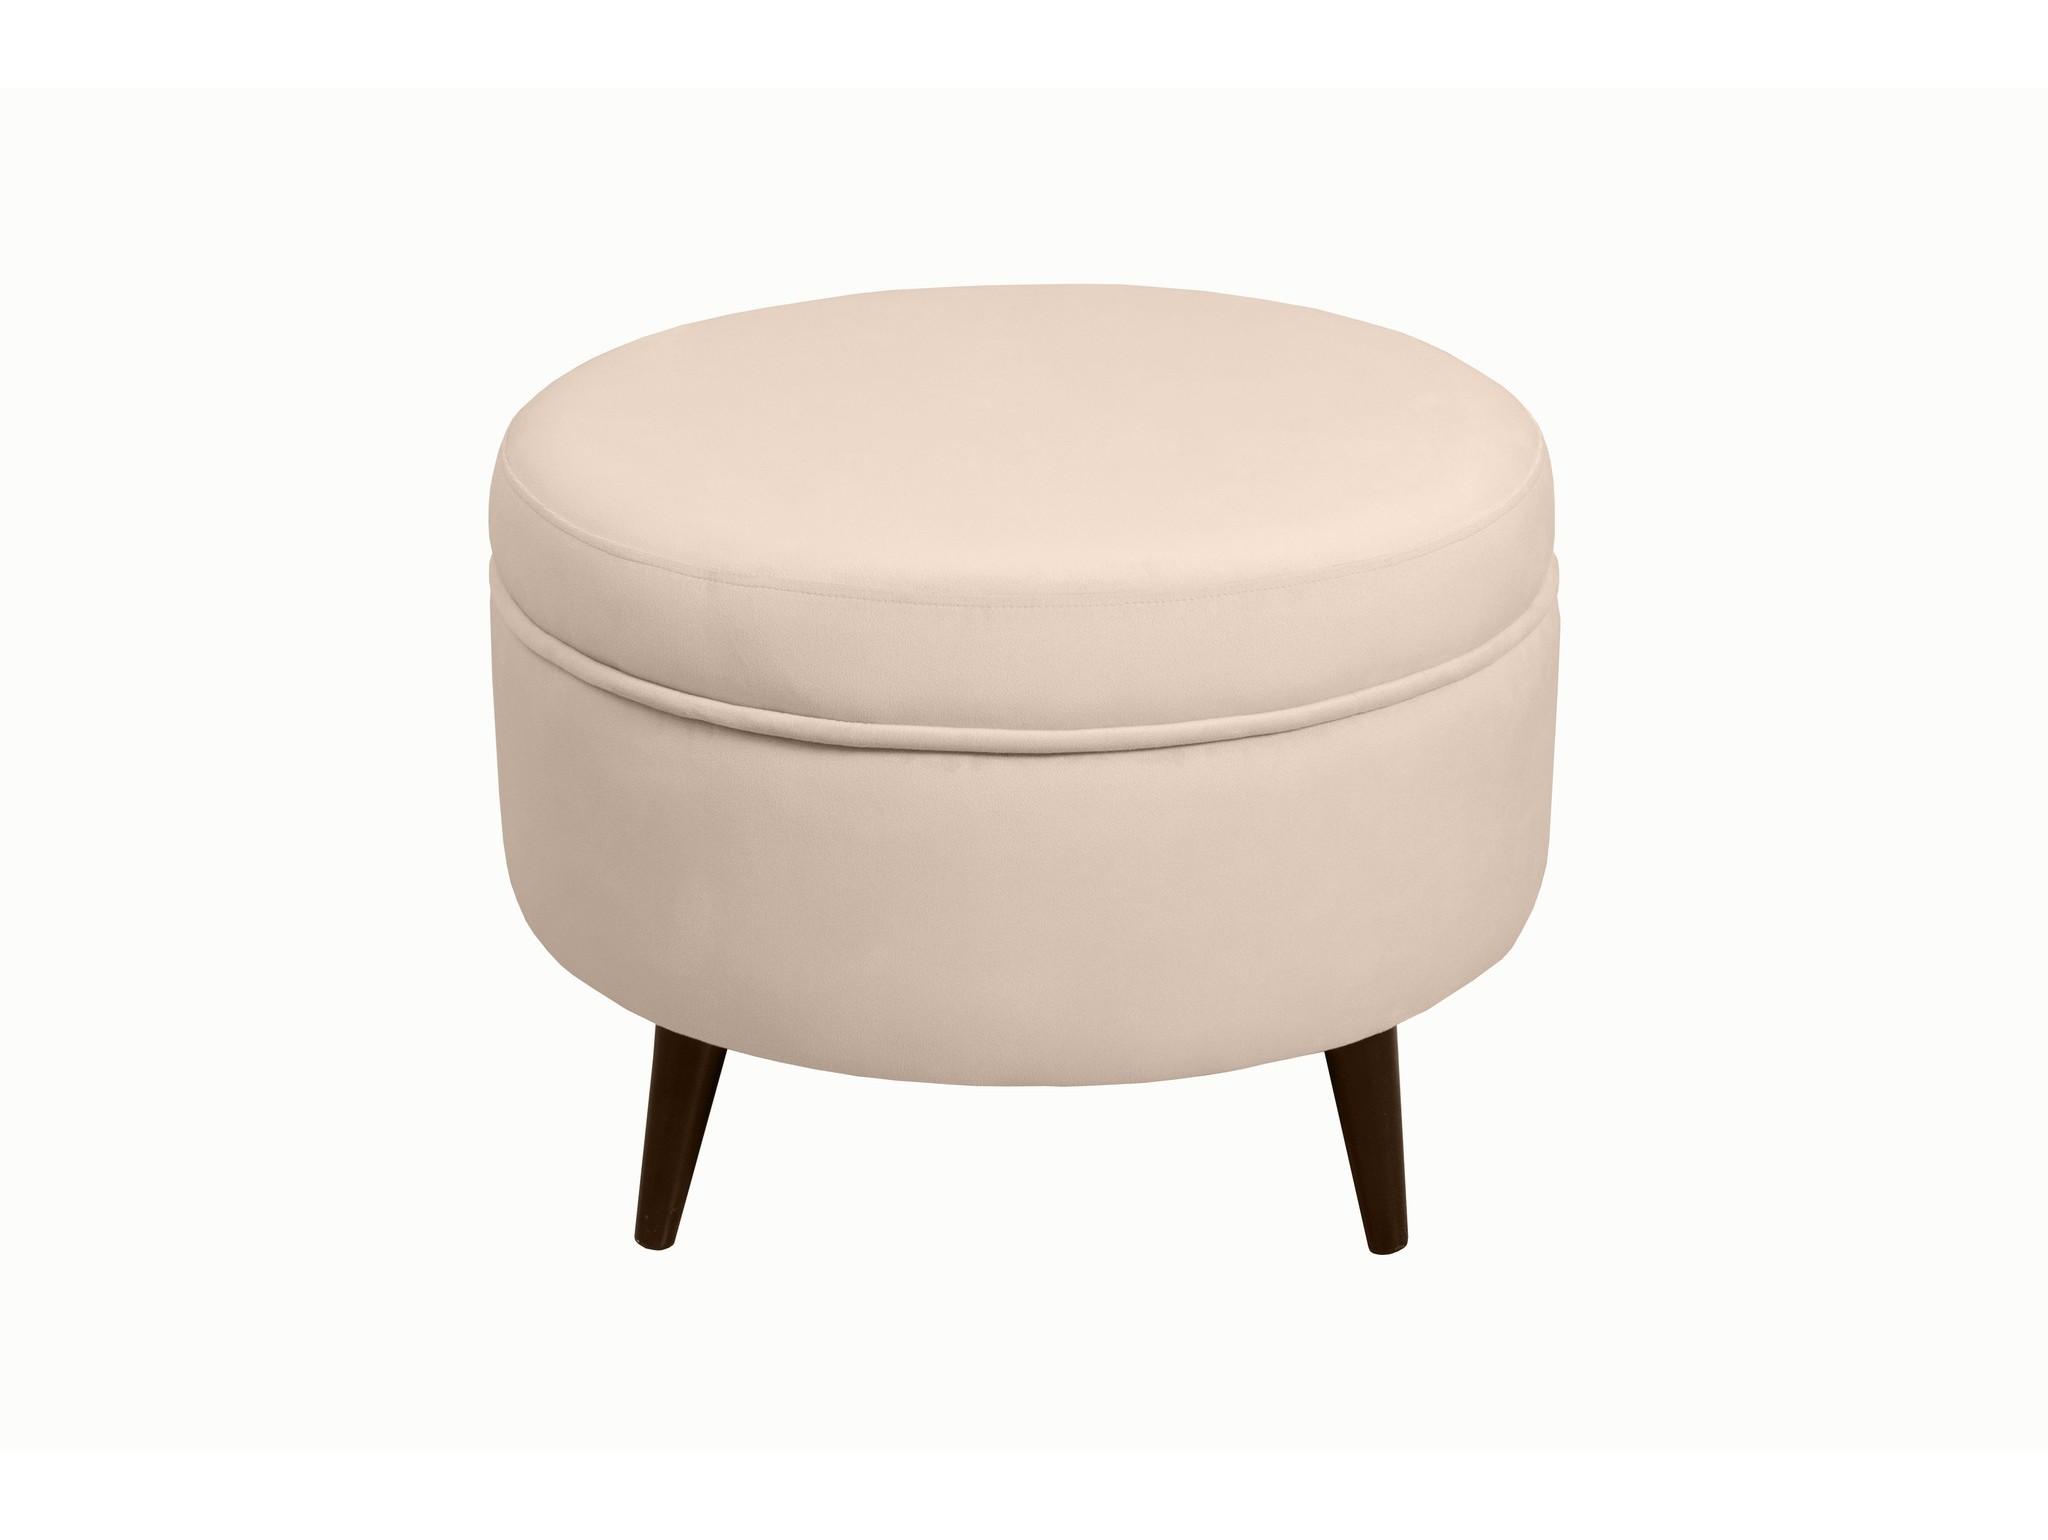 Каркасный пуфик SwedeФорменные пуфы<br>Очень устойчивый пуф   на деревянной основе станет незаменимым предметом декора или функциональной мебелью в вашем доме. А эксклюзивные ткани добавят изюминку в ваше пространство. Крышка открывается.Материал: микровелюр